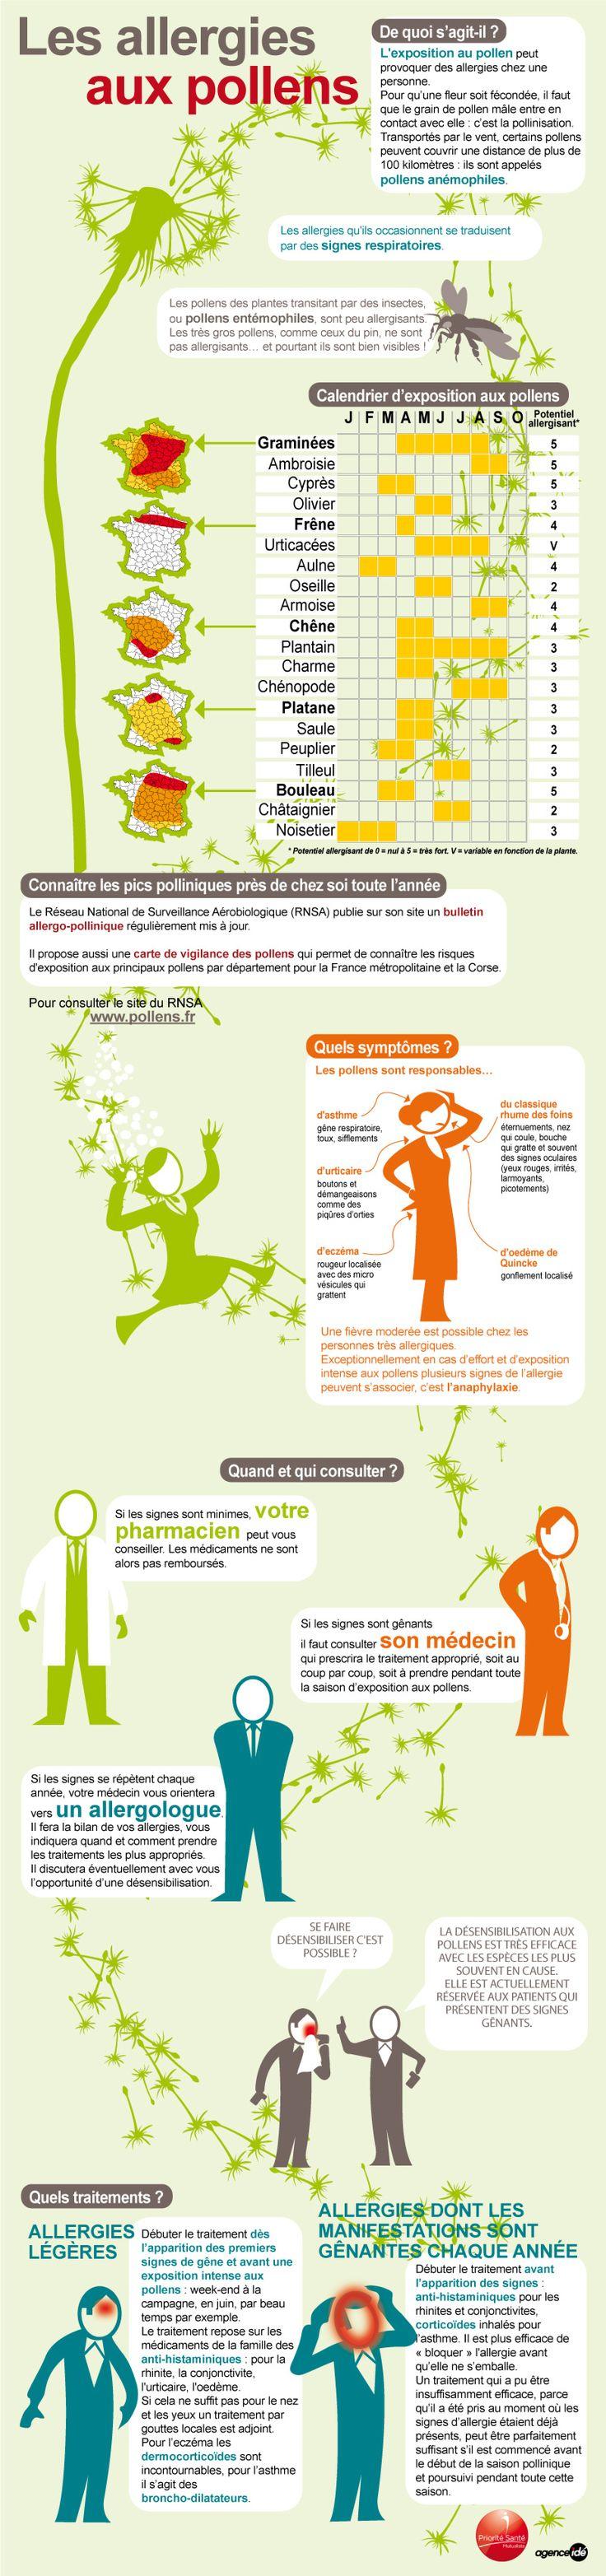 L'exposition au pollen peut provoquer des allergies chez une personne. http://www.prioritesantemutualiste.fr/upload/docs/text/html/2013-05/allergies_aux_pollens.html